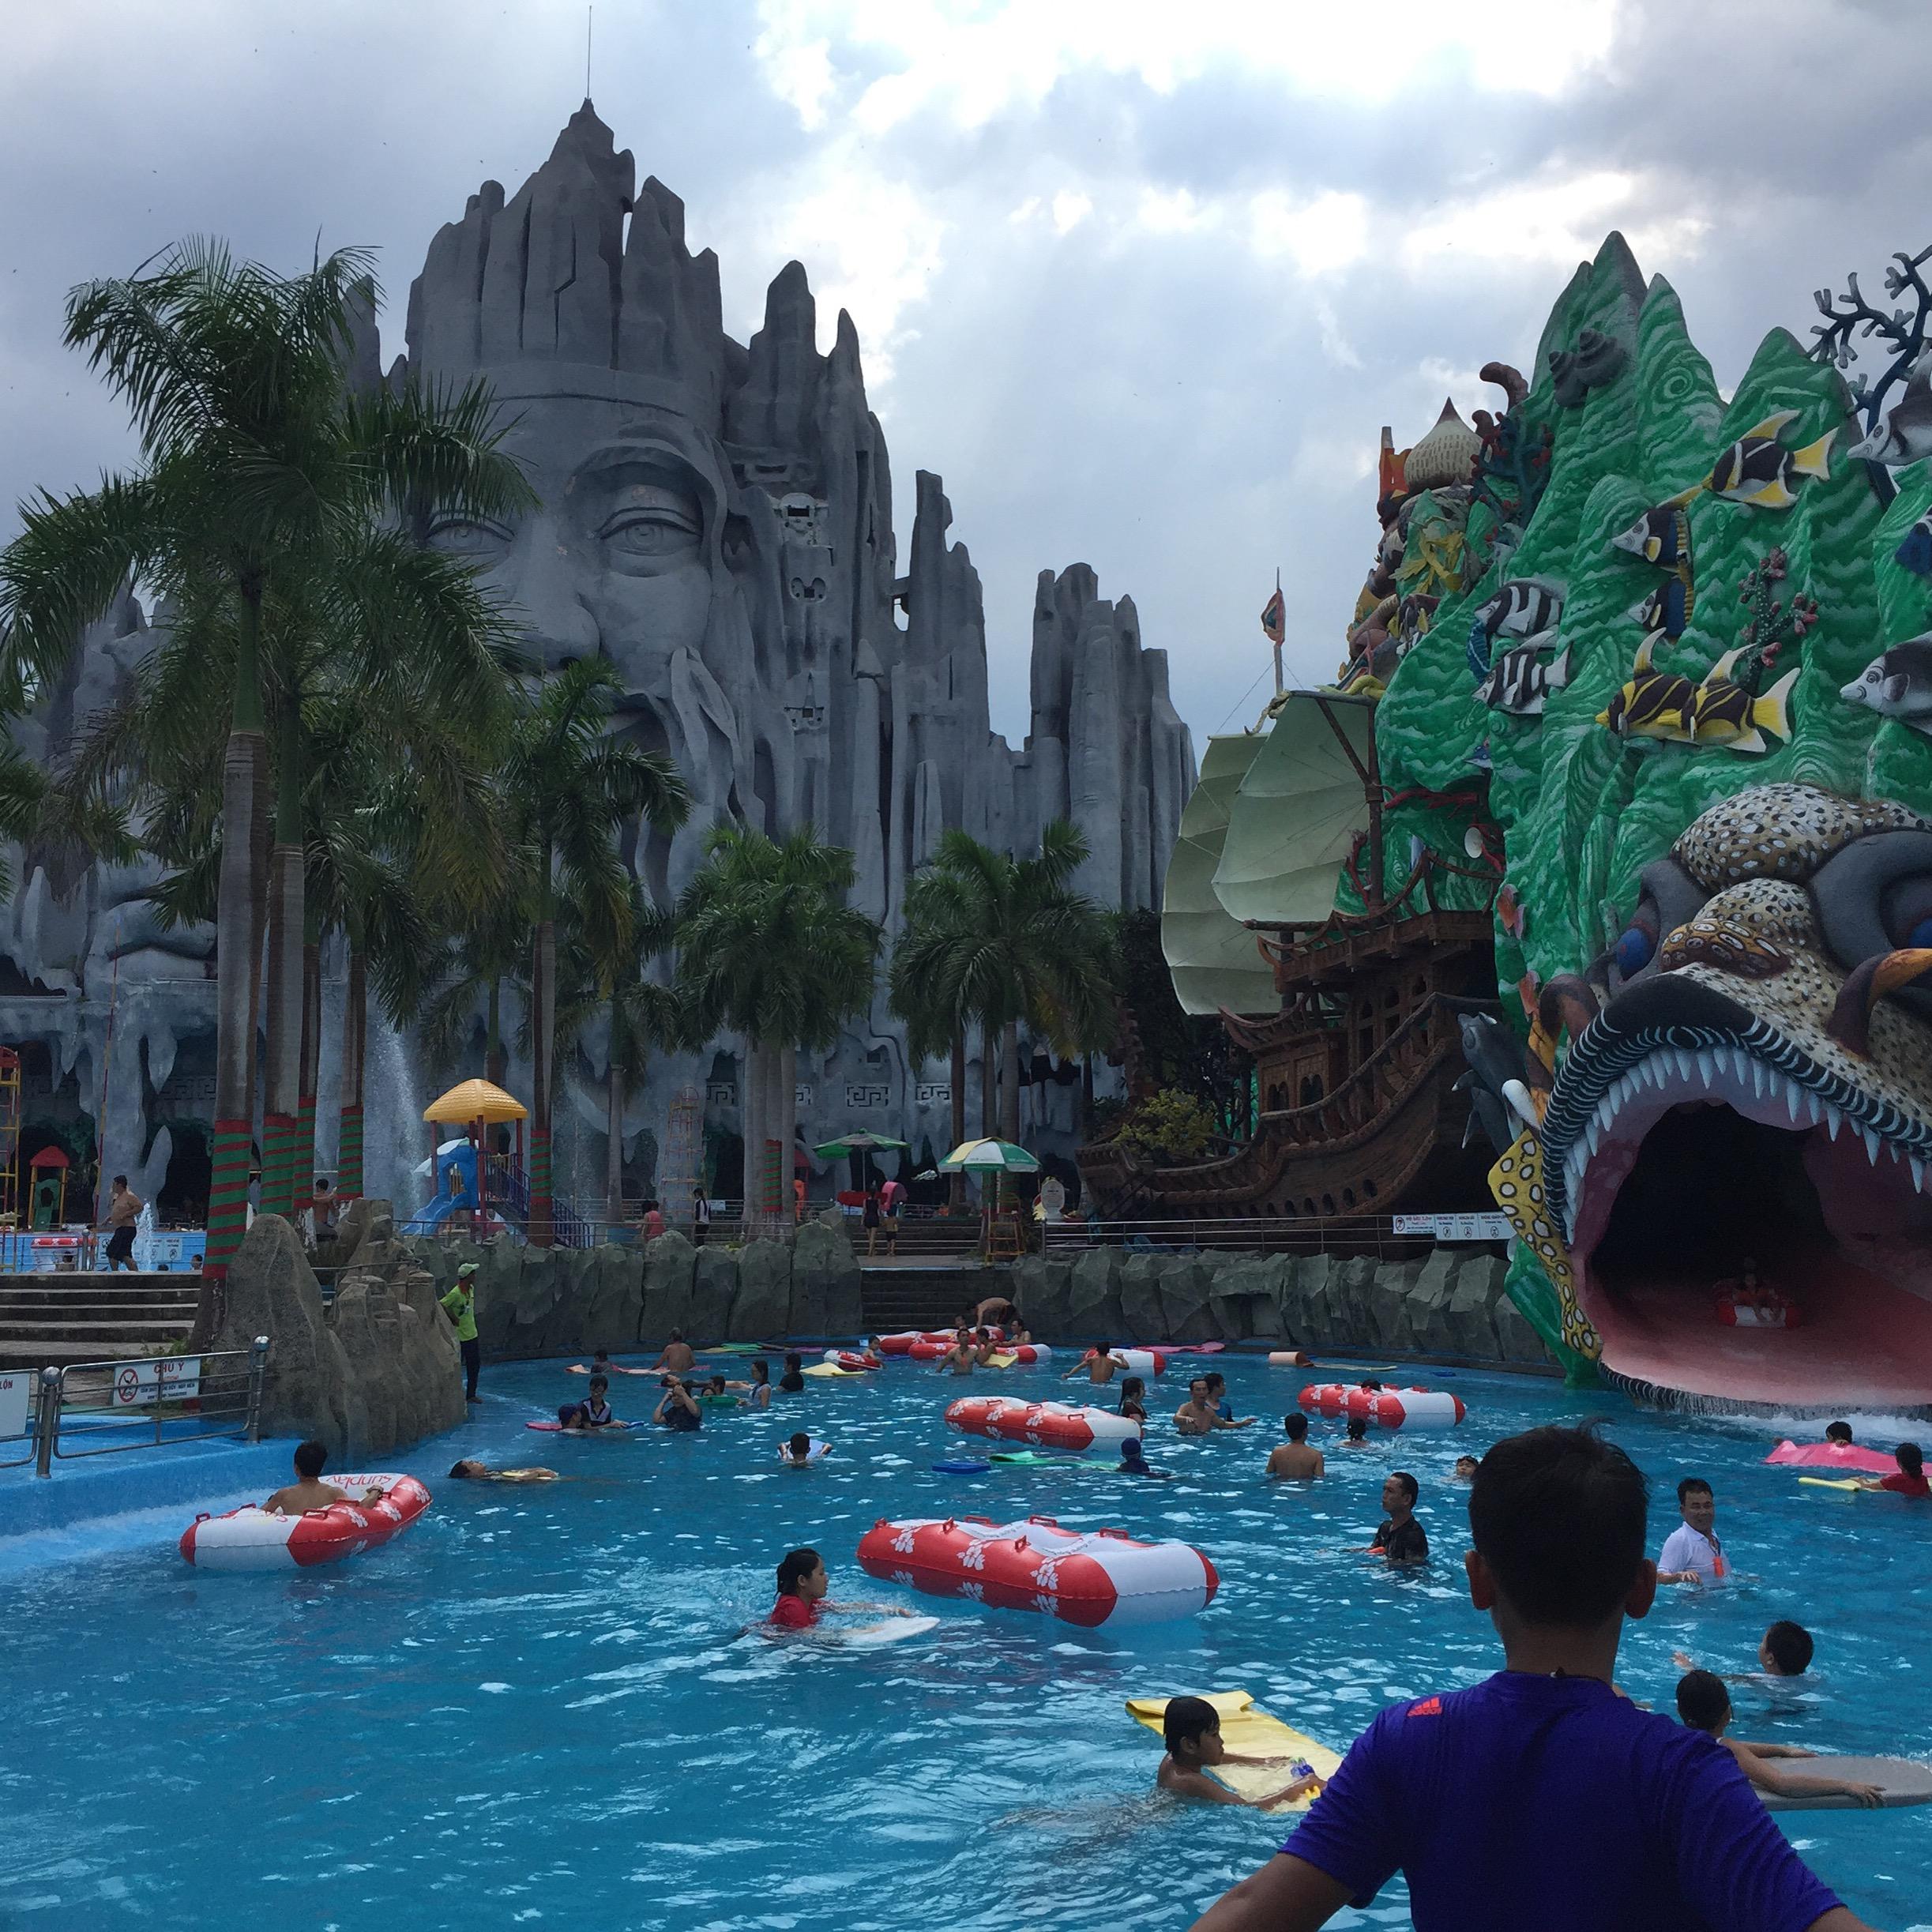 奇怪な遊園地ベトナムのスイティンパークをレポート!!@  it_s_you_